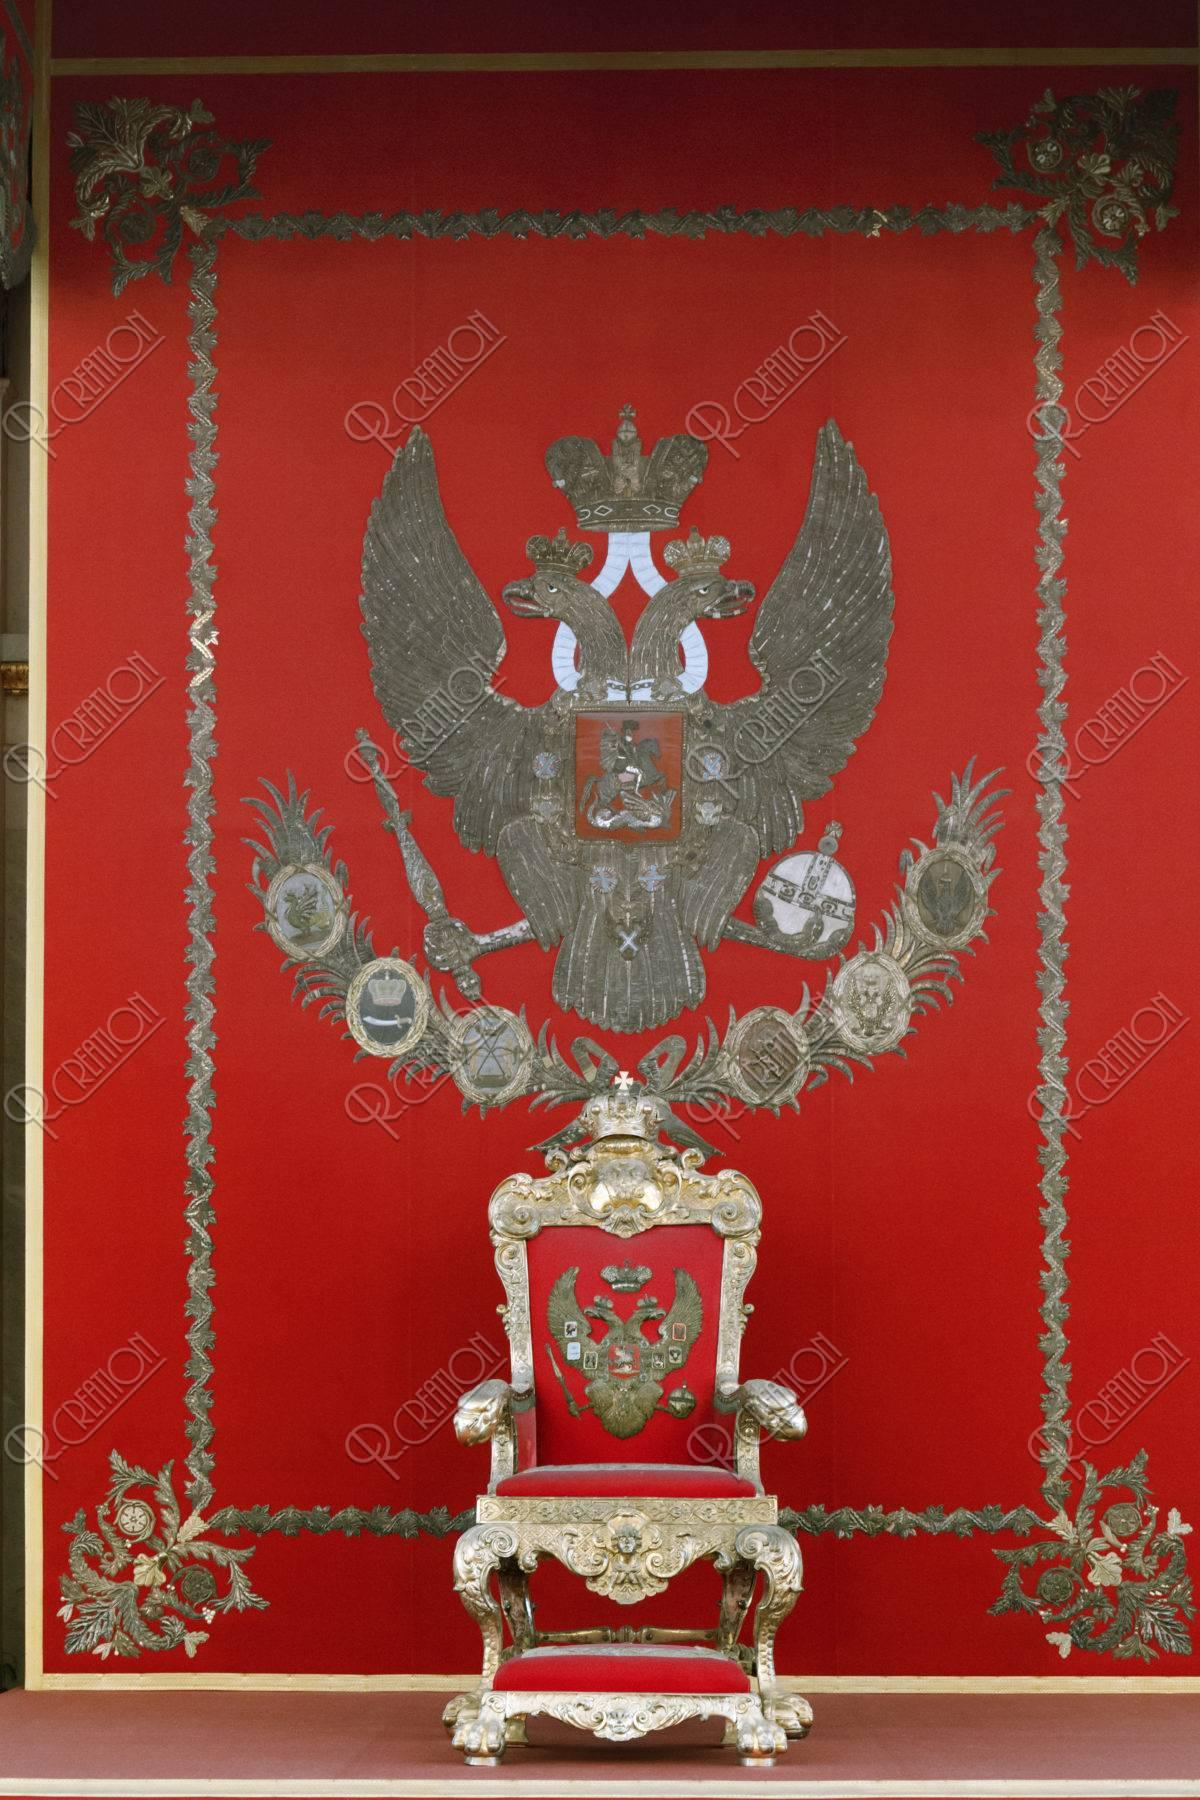 エルミタージュ美術館 ロマノフ王朝の紋章